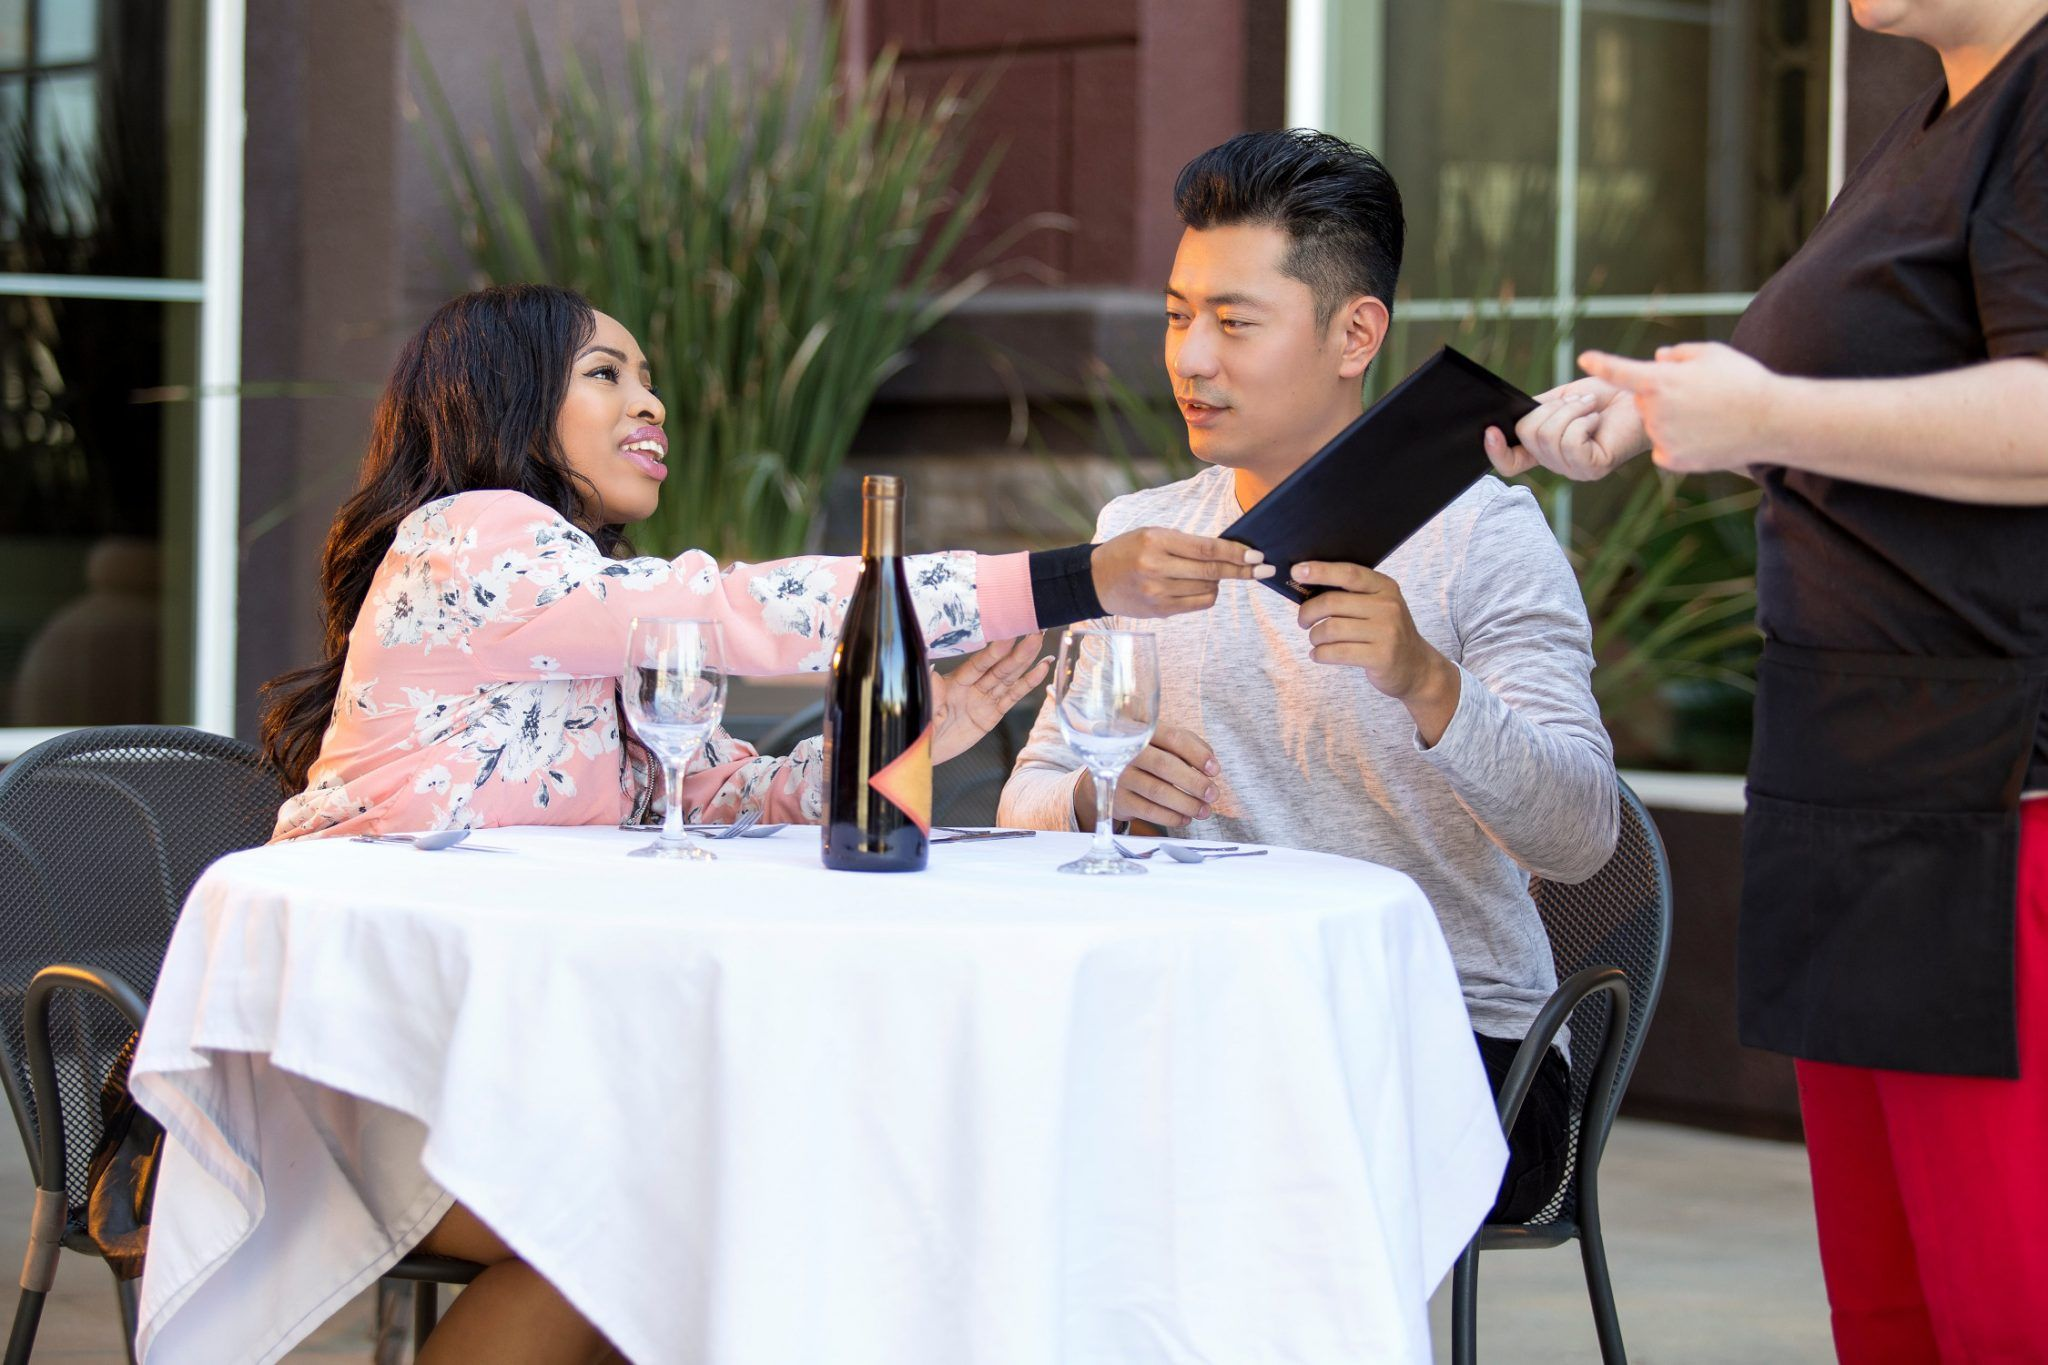 miami dating service